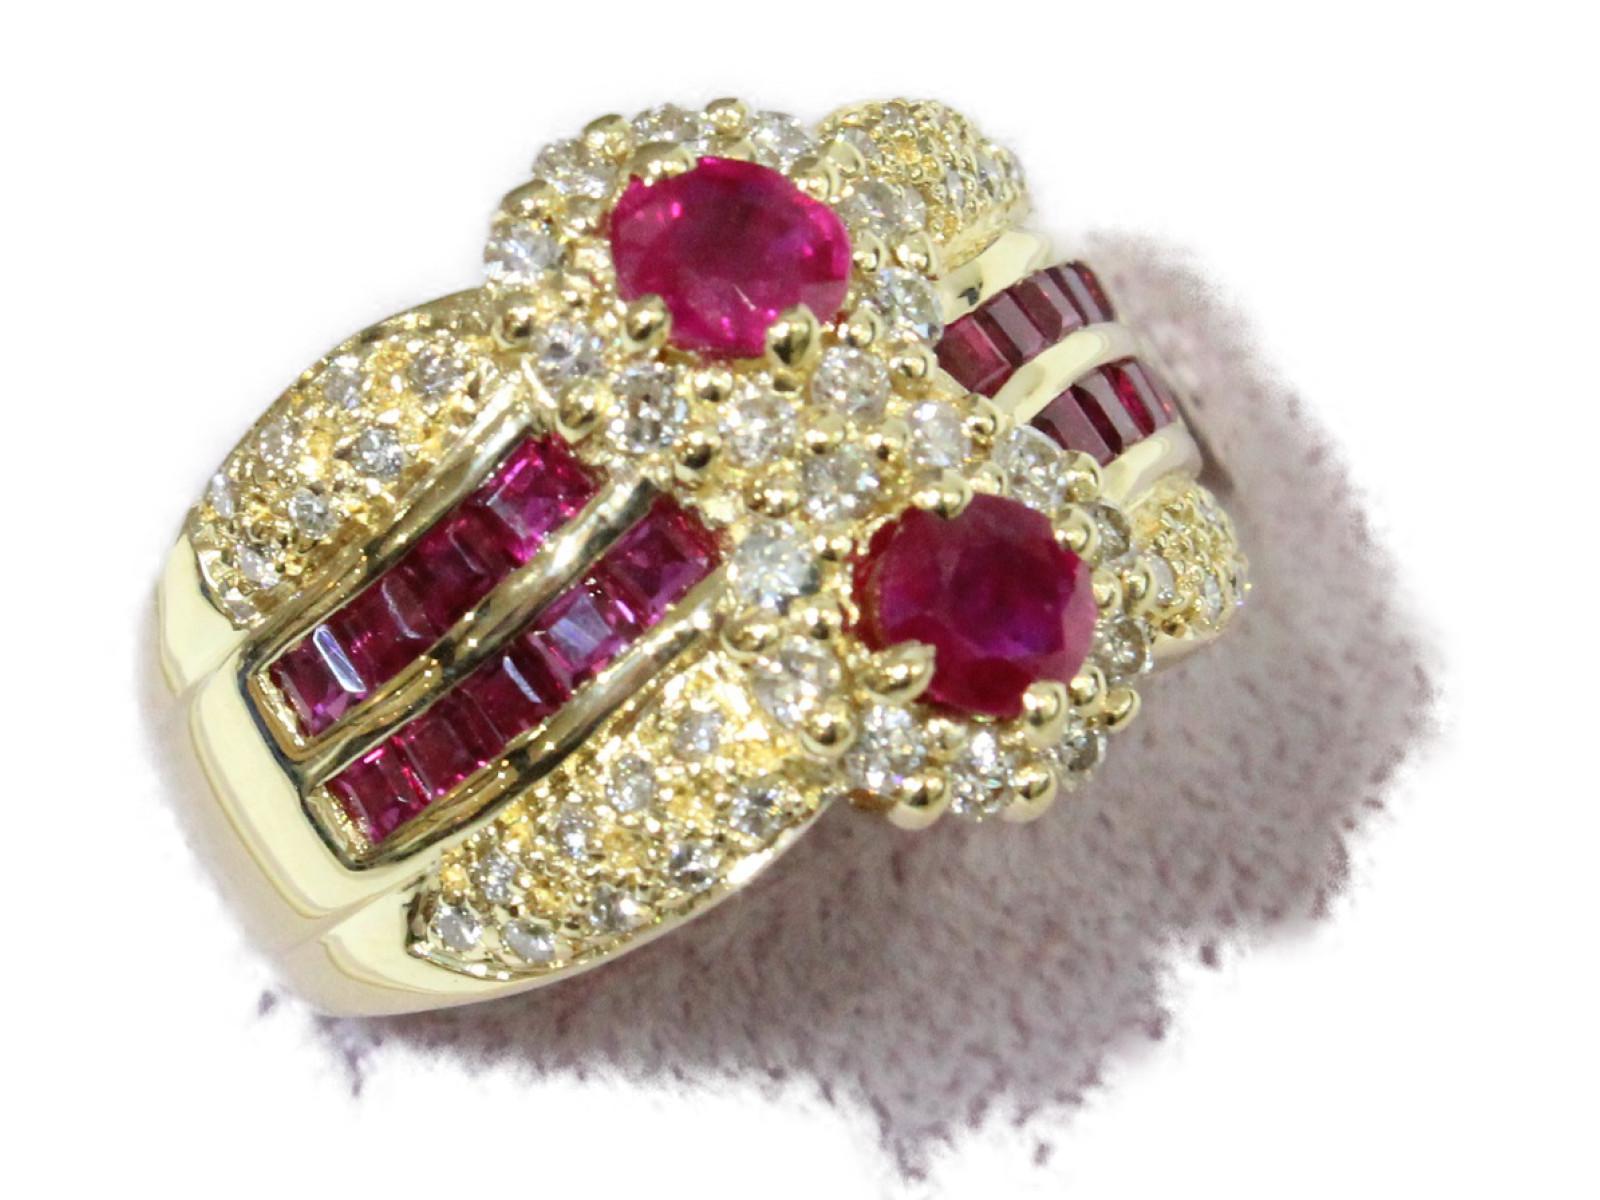 【☆新品仕上げ済☆】ルビーリングルビー1.66ct ダイヤモンド0.49ctK18 7.5g 約10.5号レディース 高級ギフト包装可 【中古】